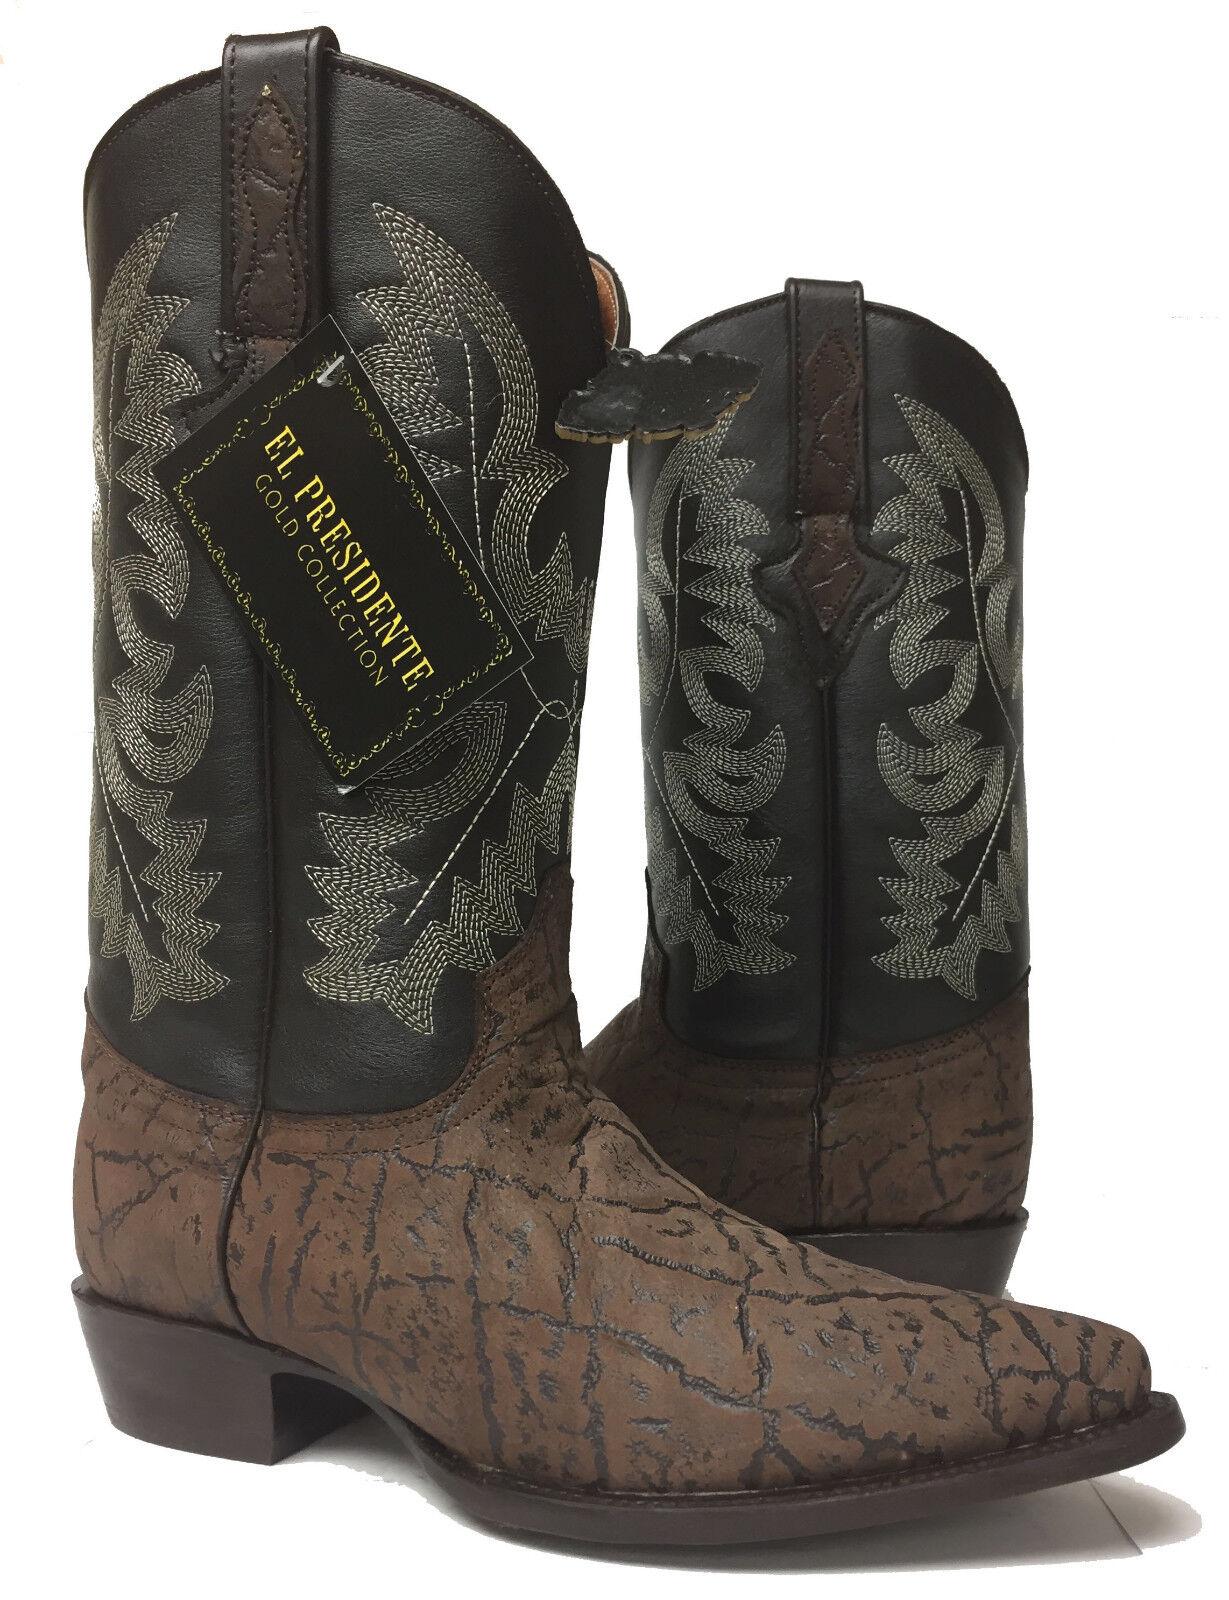 Nuevo Para hombres Cuero Marrón Elefante Diseño Exótico Oeste Rodeo botas de vaquero